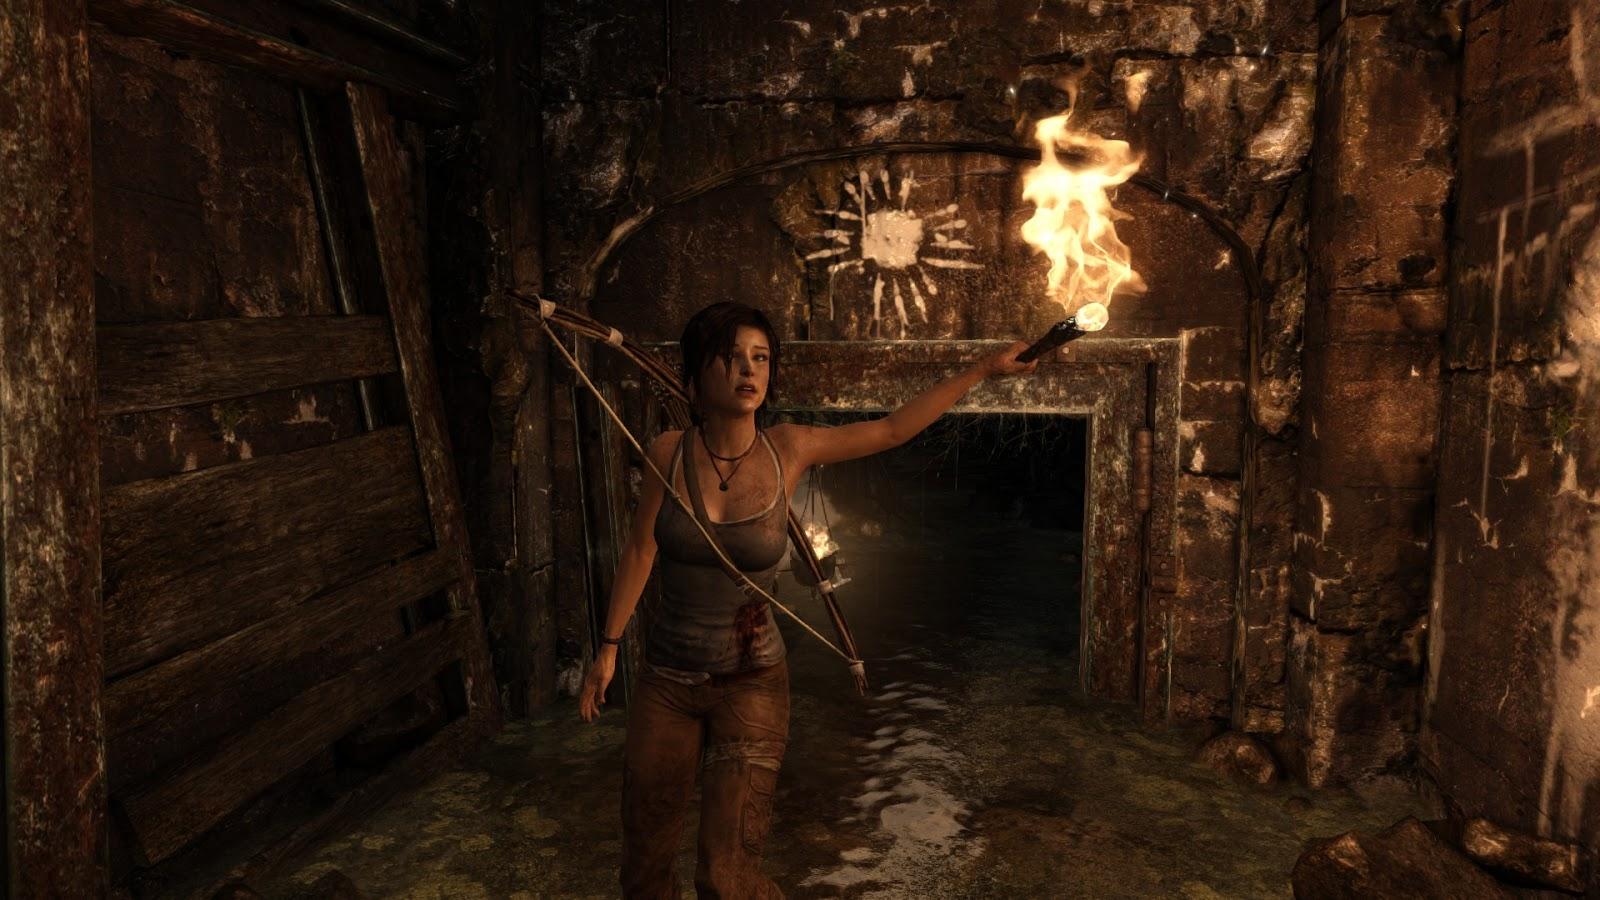 Tomb raider underground mod nackt image